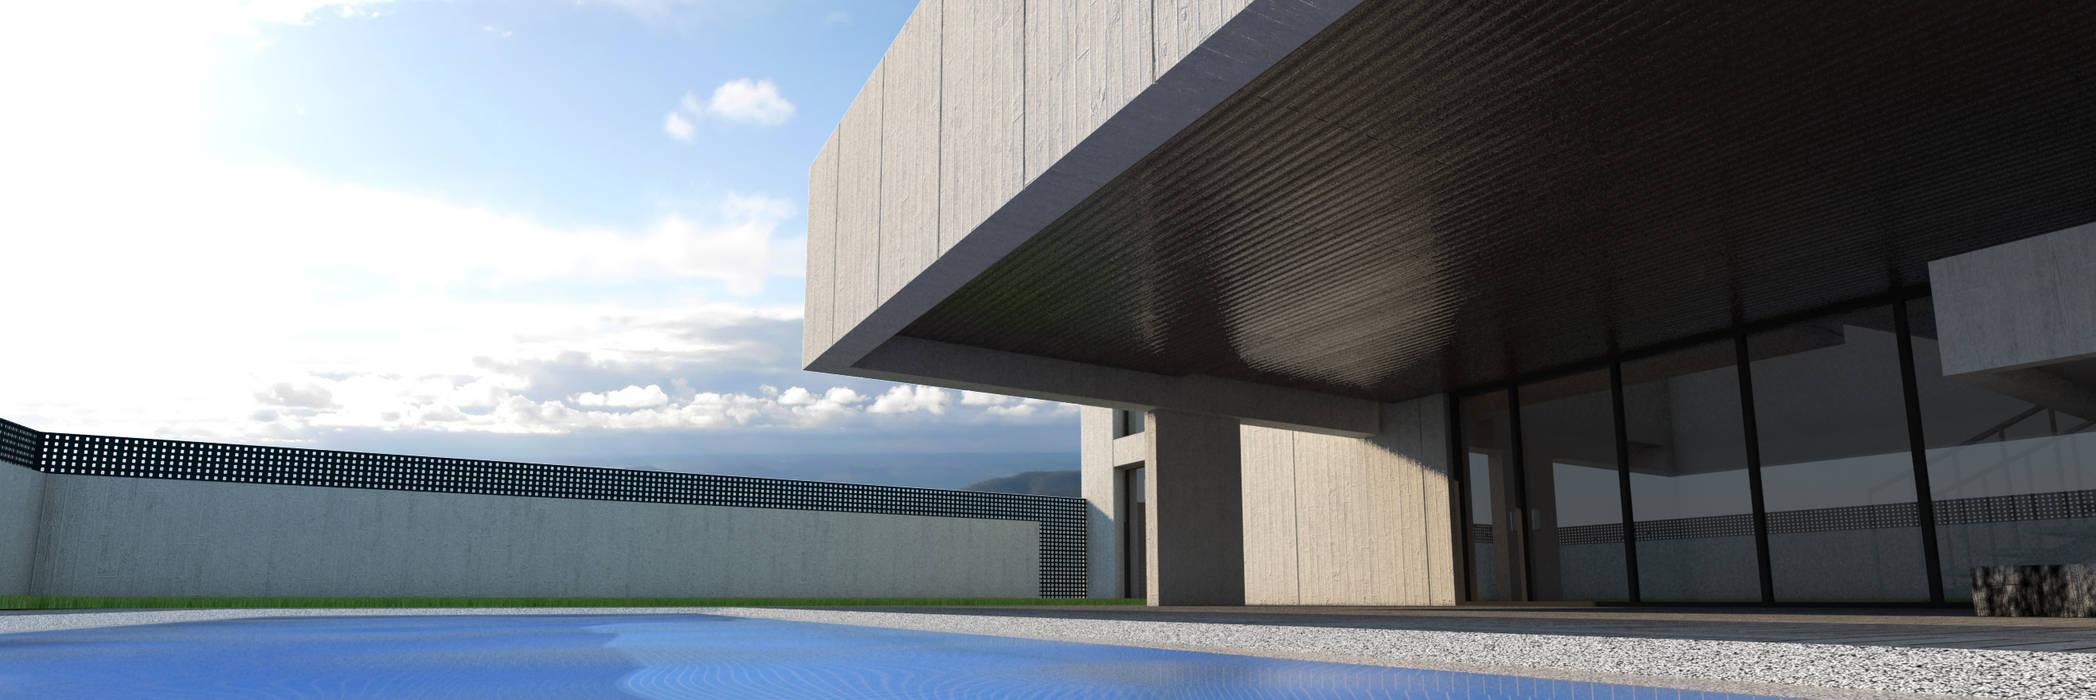 Vivienda unifamiliar aislada: Piscinas de estilo  de Q:NØ Arquitectos